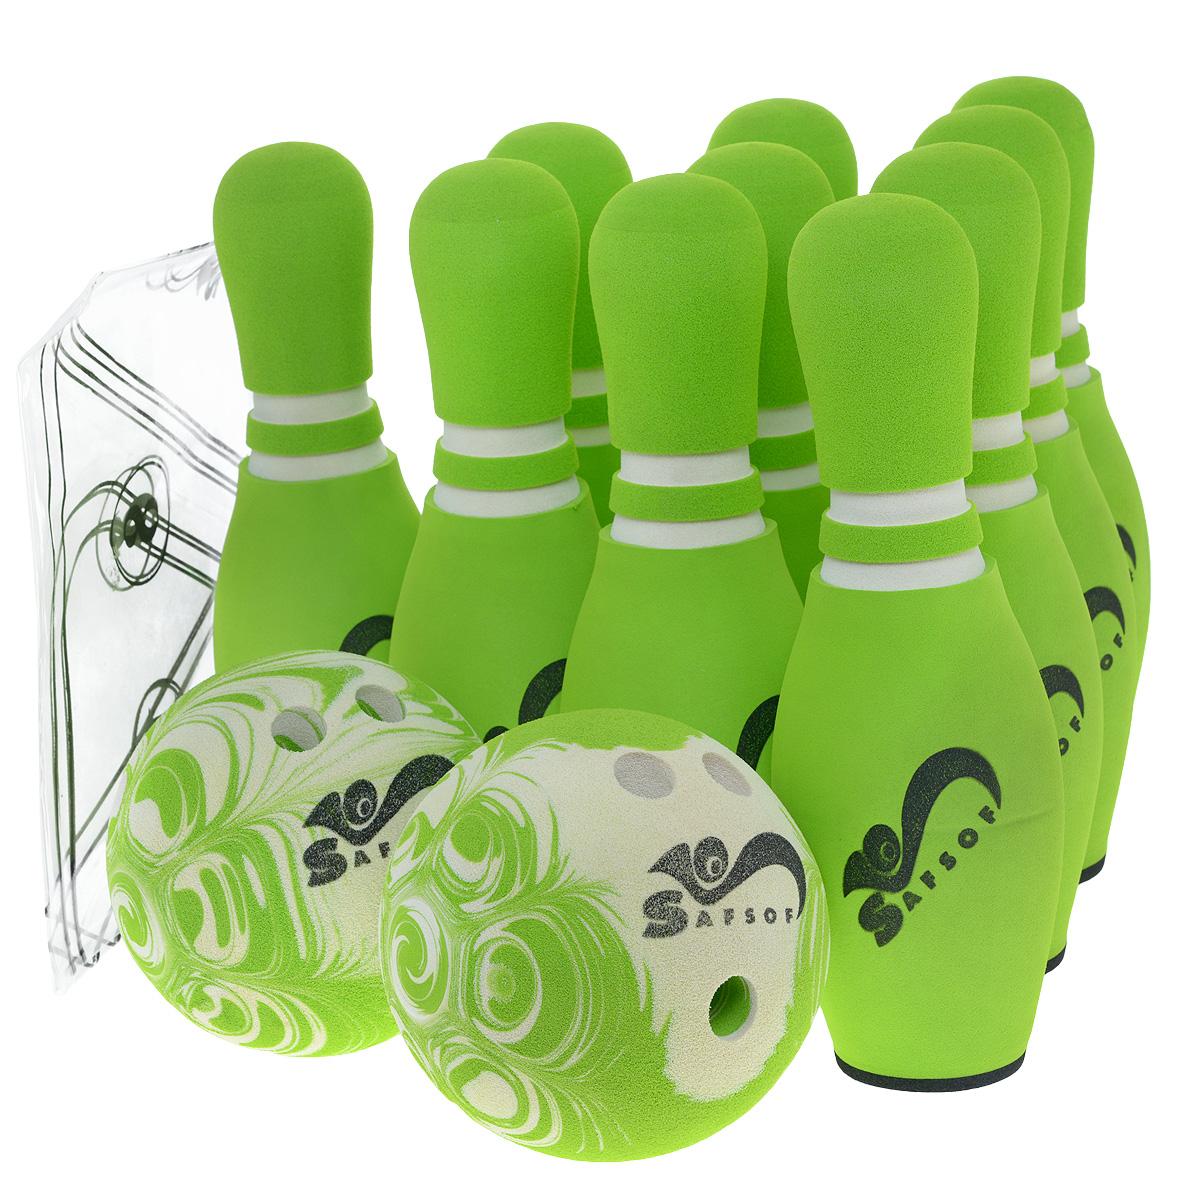 """Игровой набор Safsof """"Боулинг"""", цвет: белый, зеленый, диаметр шара 14 см"""